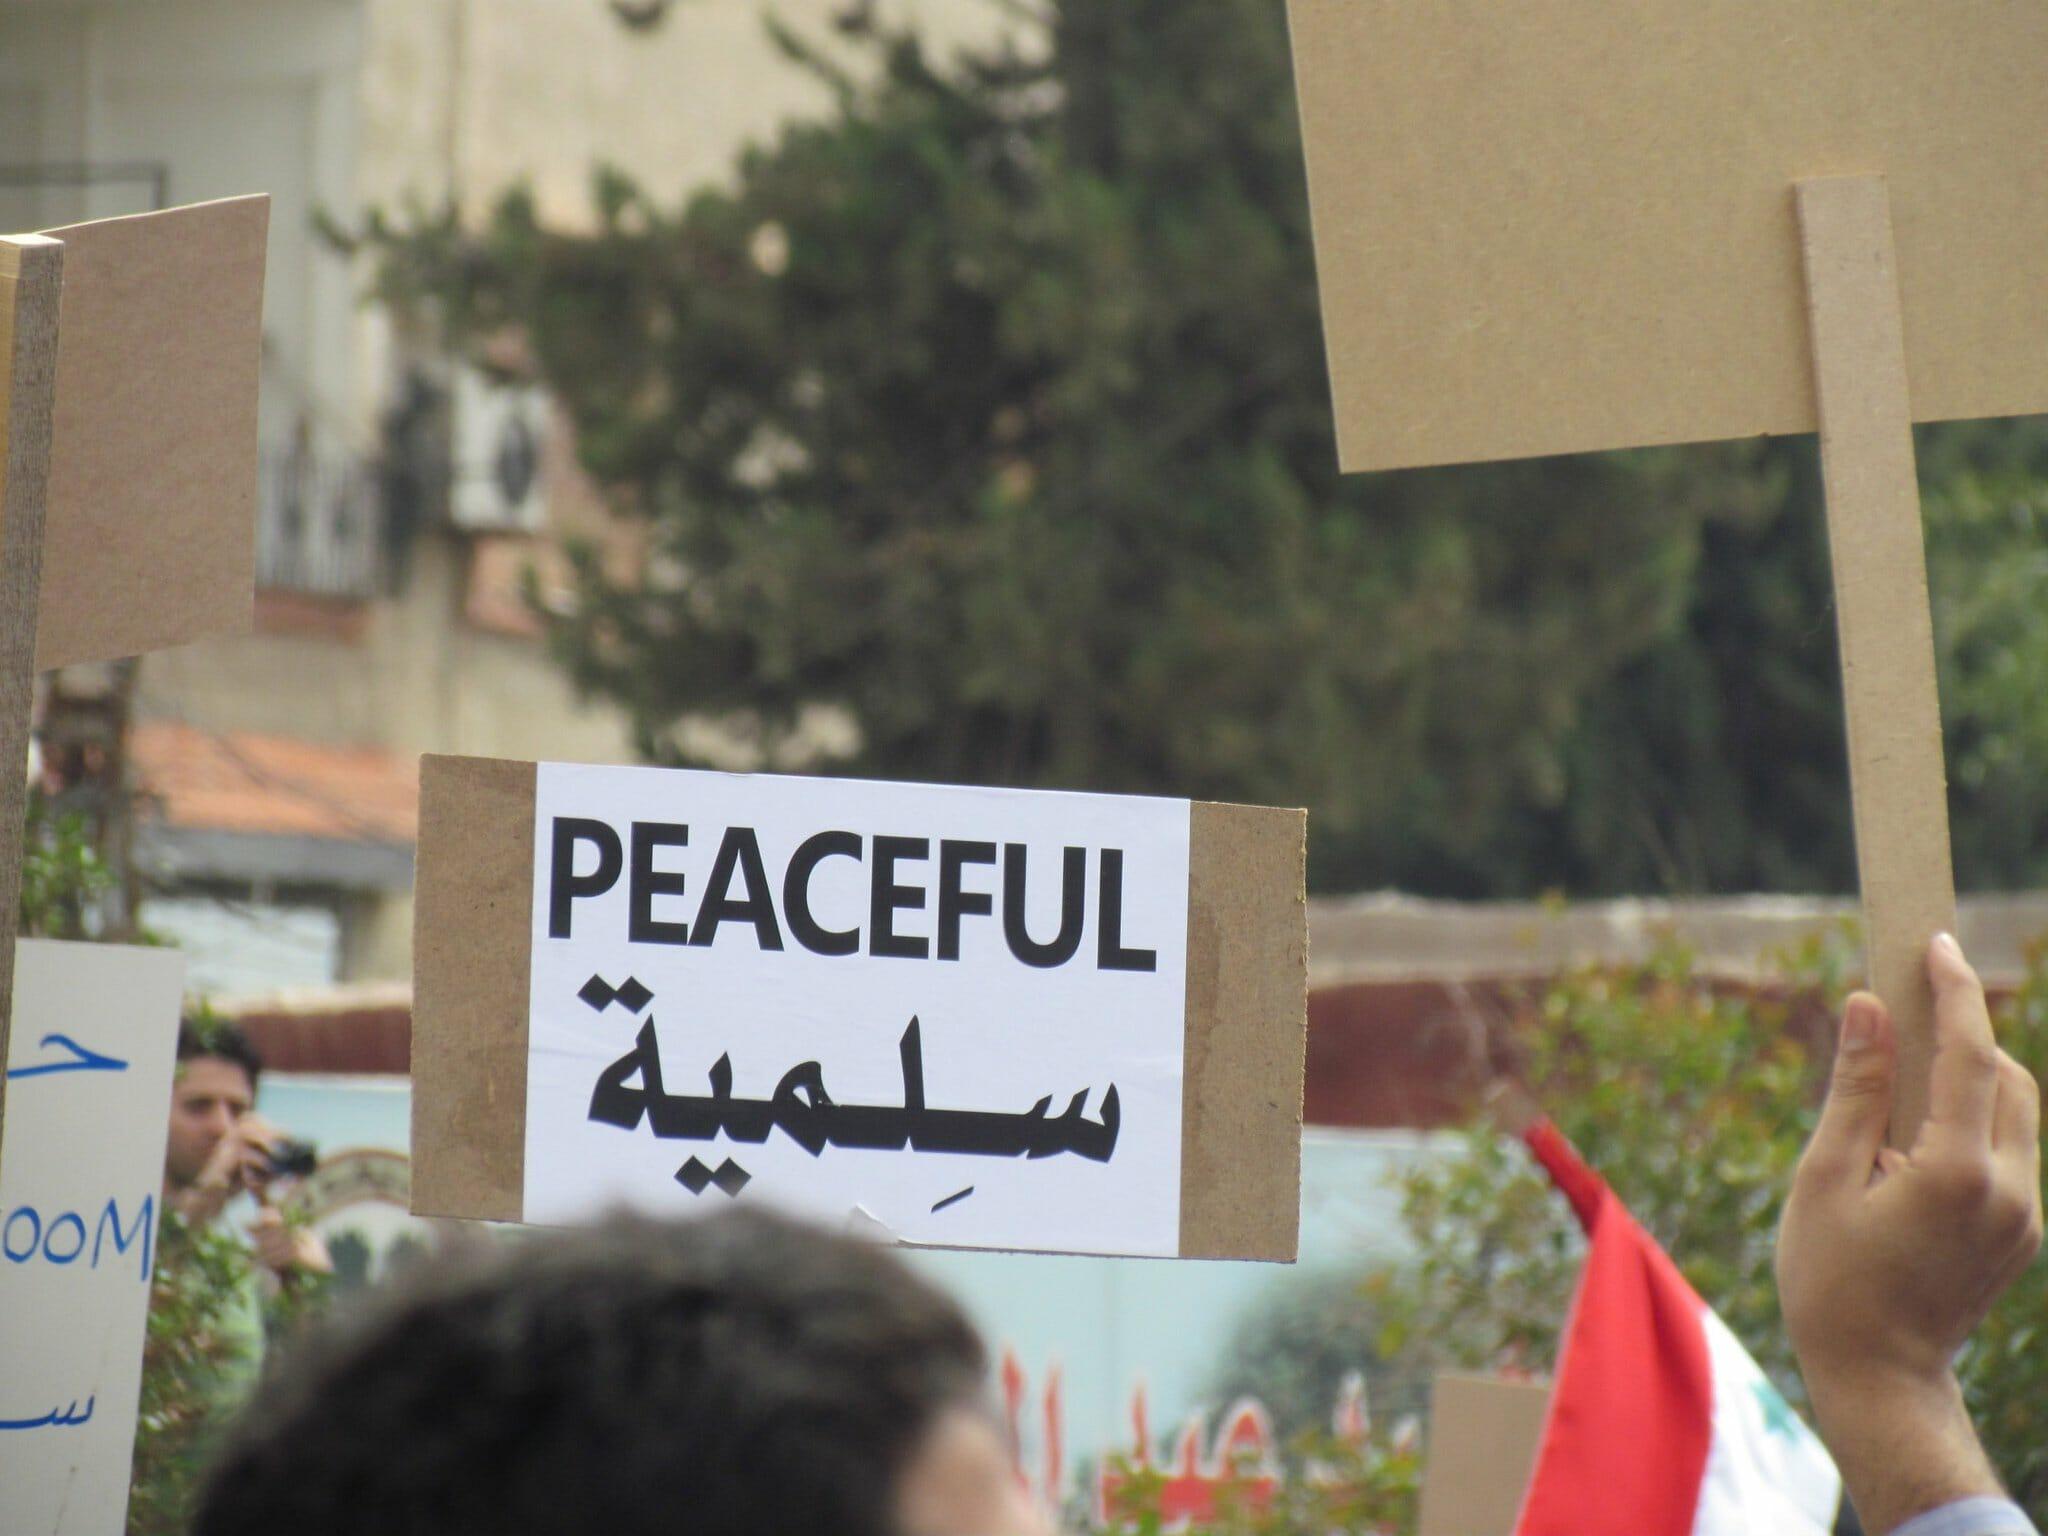 FAKTA: Otte år med borgerkrig i Syrien